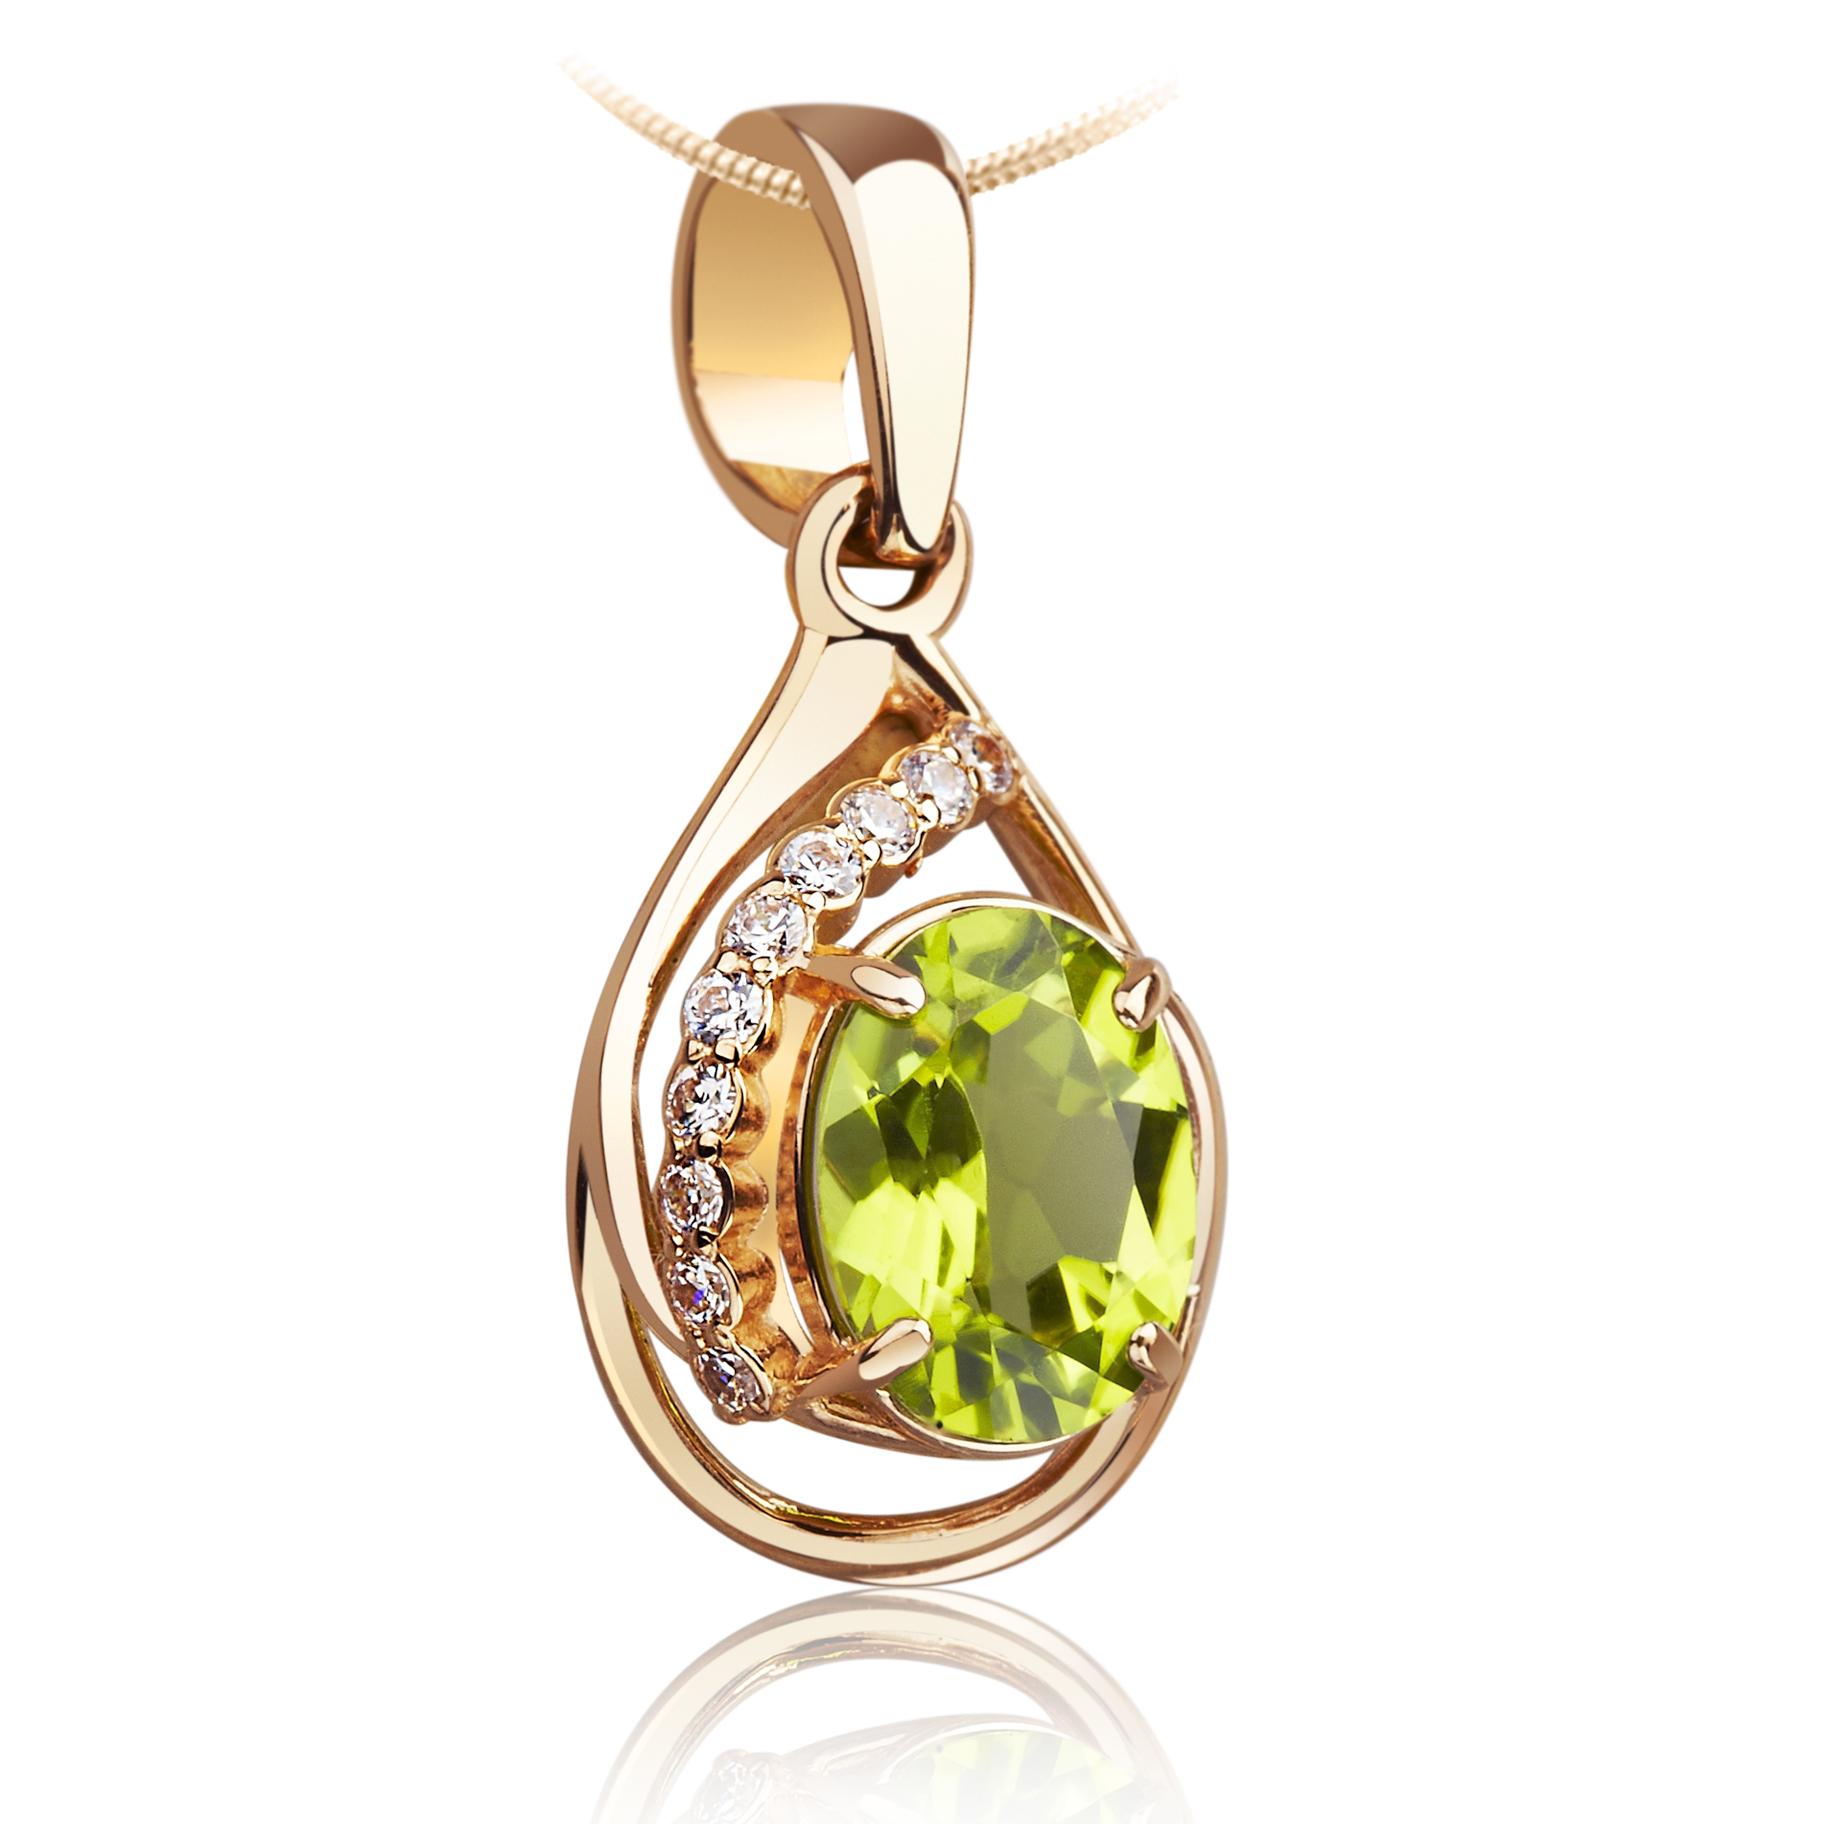 Золотой кулон с хризолитом «Персефона»